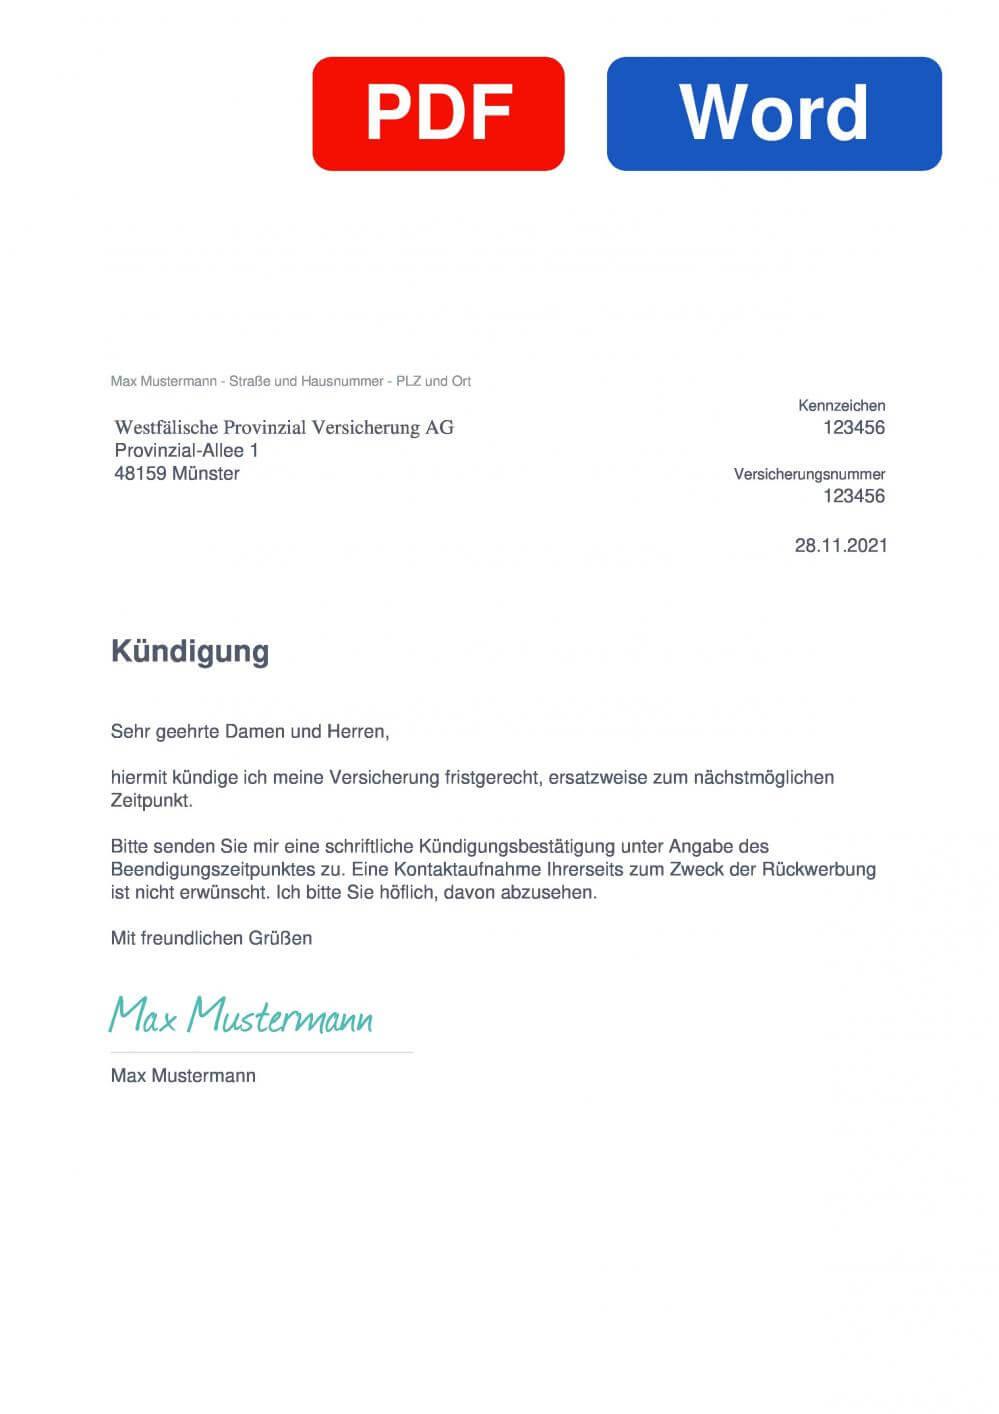 Westfälische Provinzial KFZ-Versicherung Muster Vorlage für Kündigungsschreiben